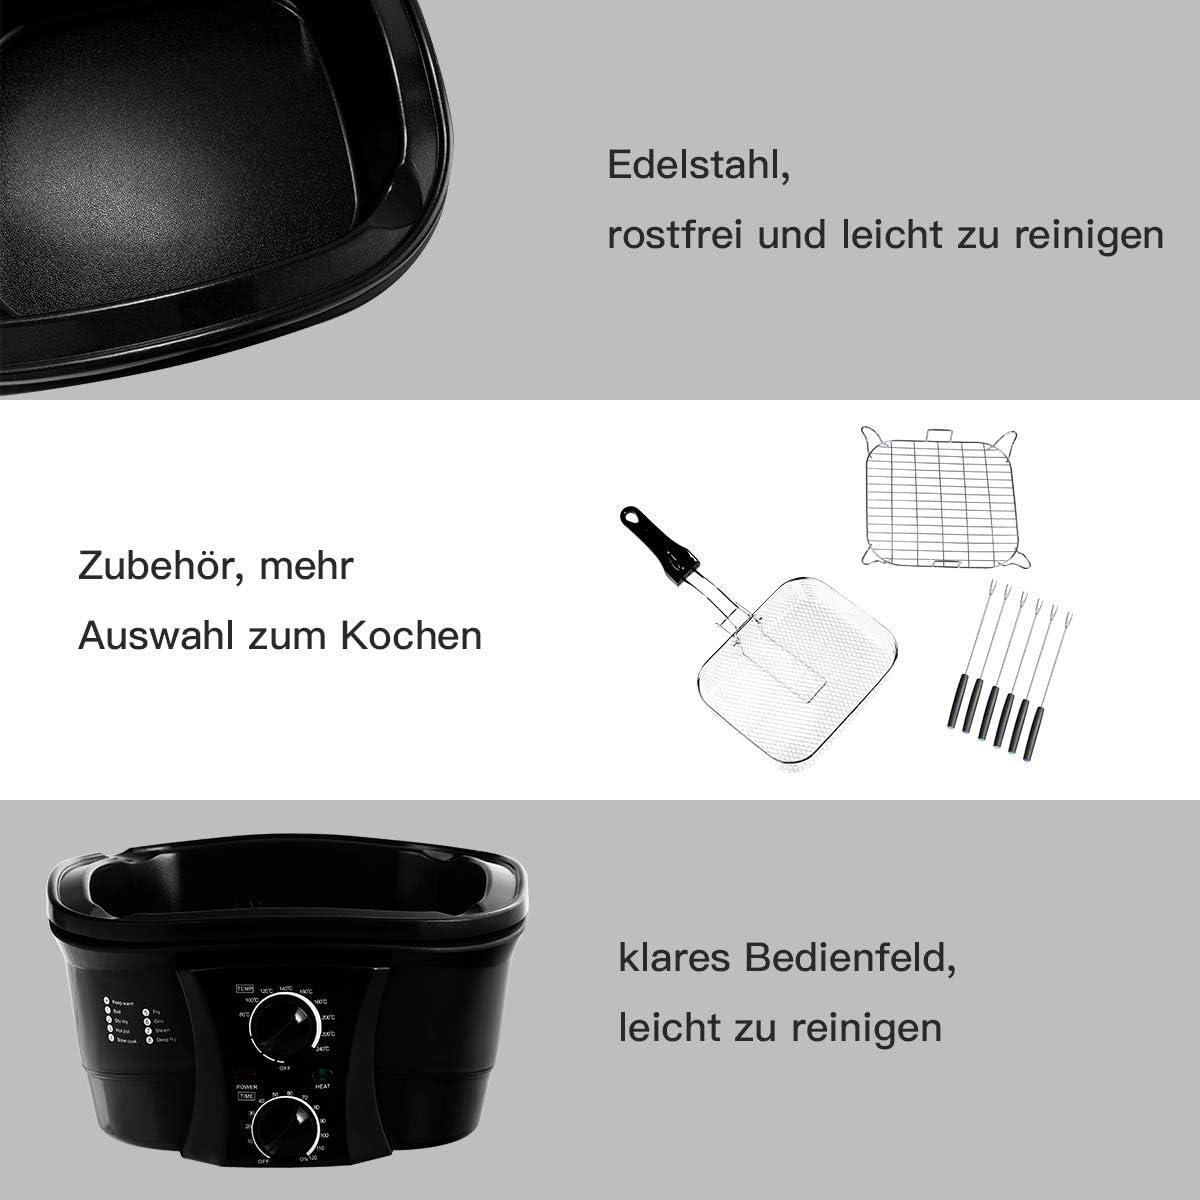 COSTWAY 8 in 1 Multikocher Slow Cooker Schongarer Multicooker mit Temperaturregler 5 L ink Frittierkorb Dampfst/änder Schwarz Spie/ße 1500WTimer Glasdeckel